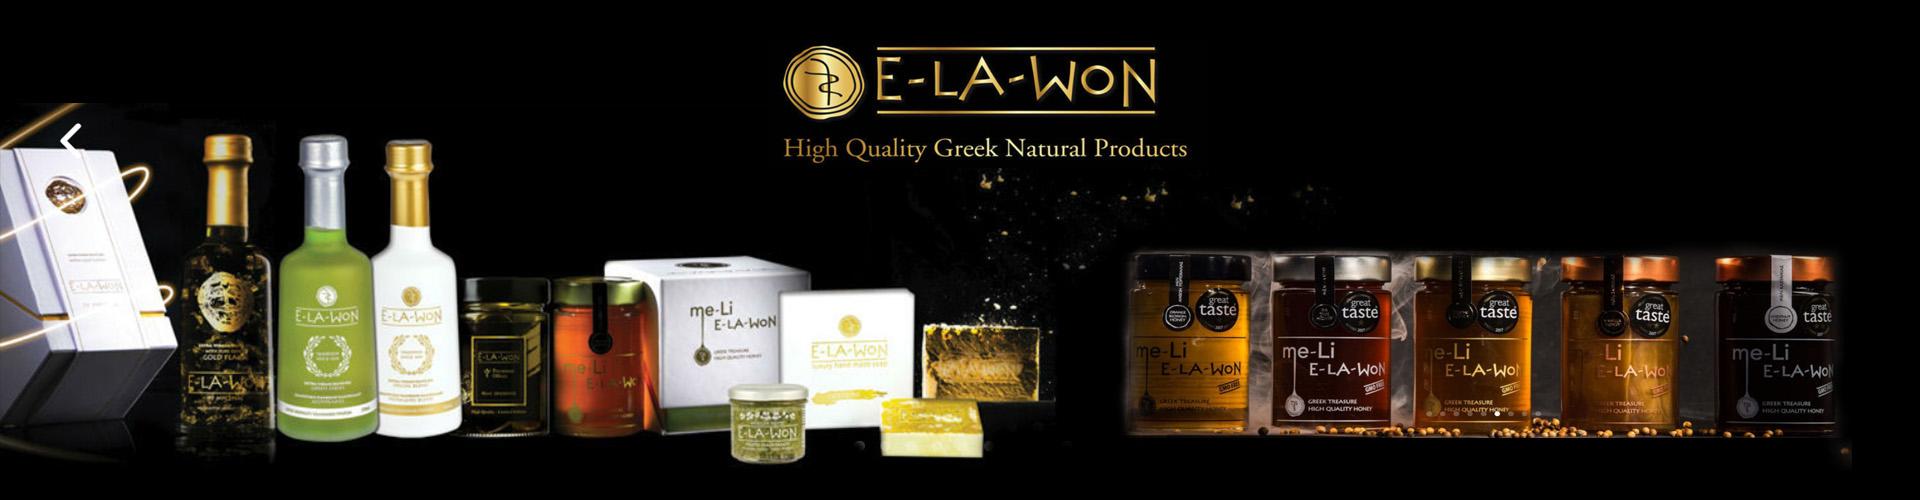 Olive E-LA-WON